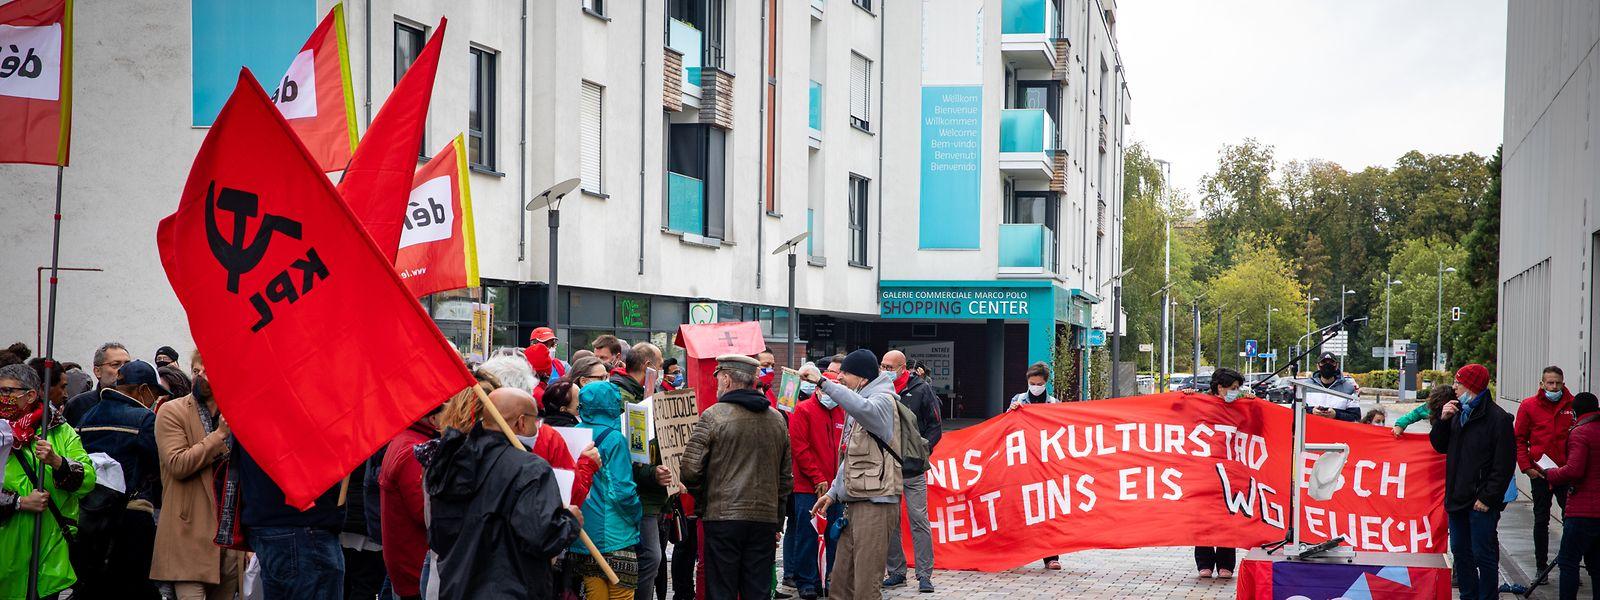 Die Protestaktion hat am Samstag beim Friedensgericht stattgefunden.